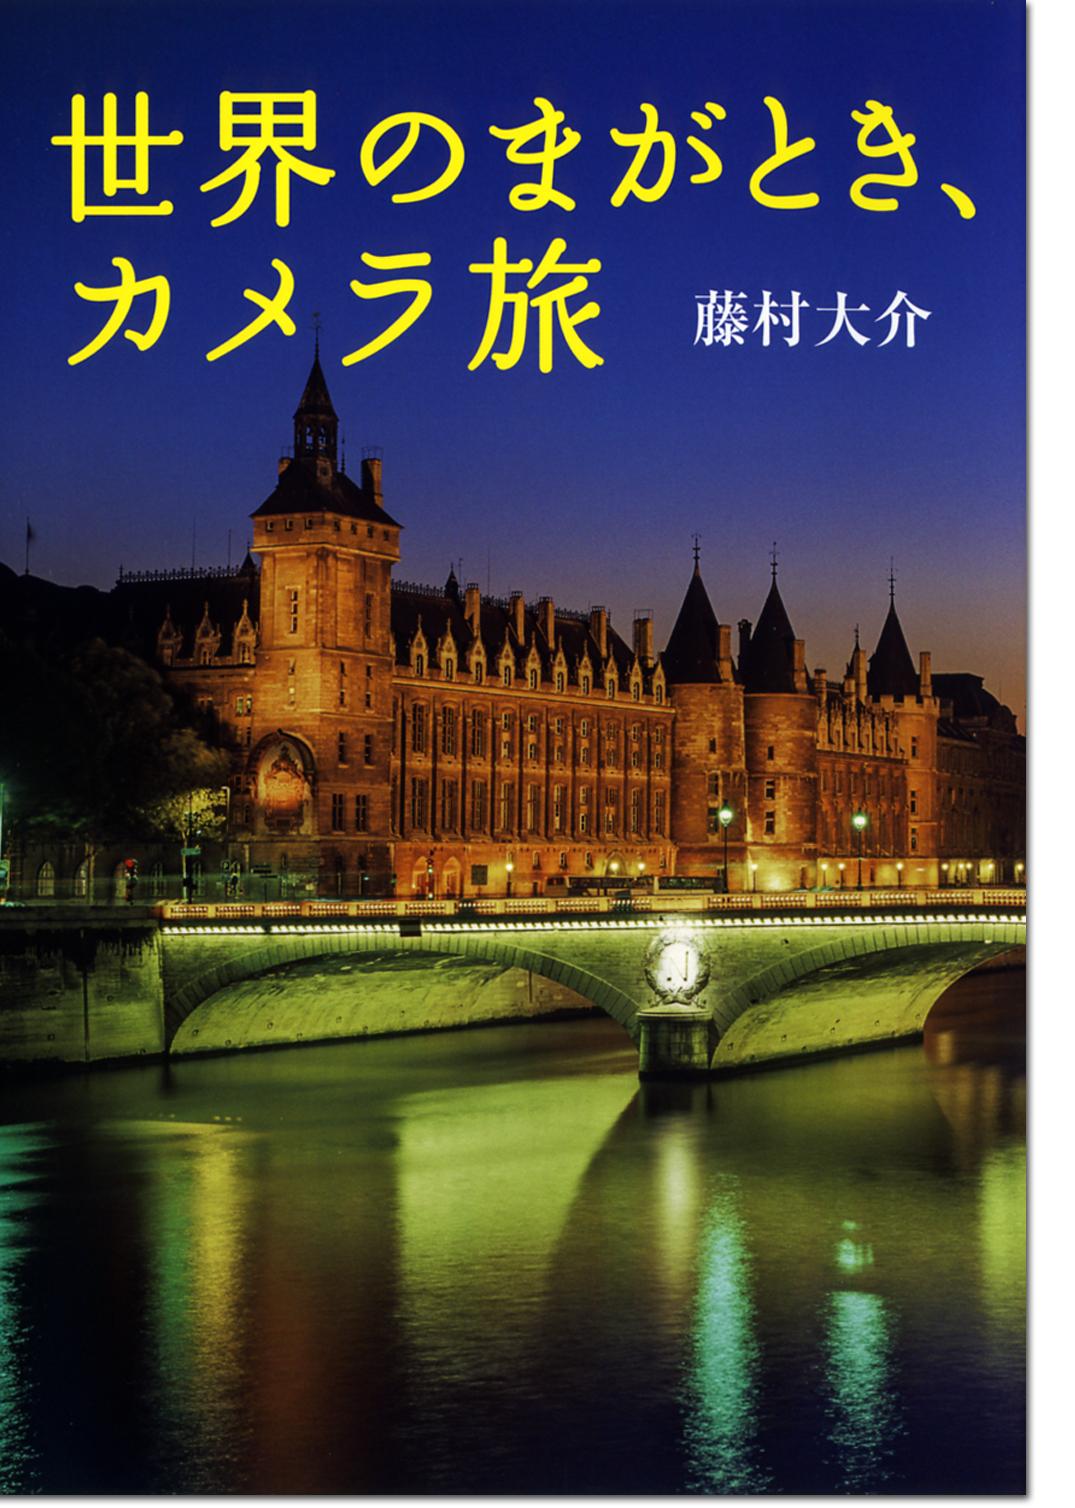 藤村大介「世界のまがとき、カメラ旅」